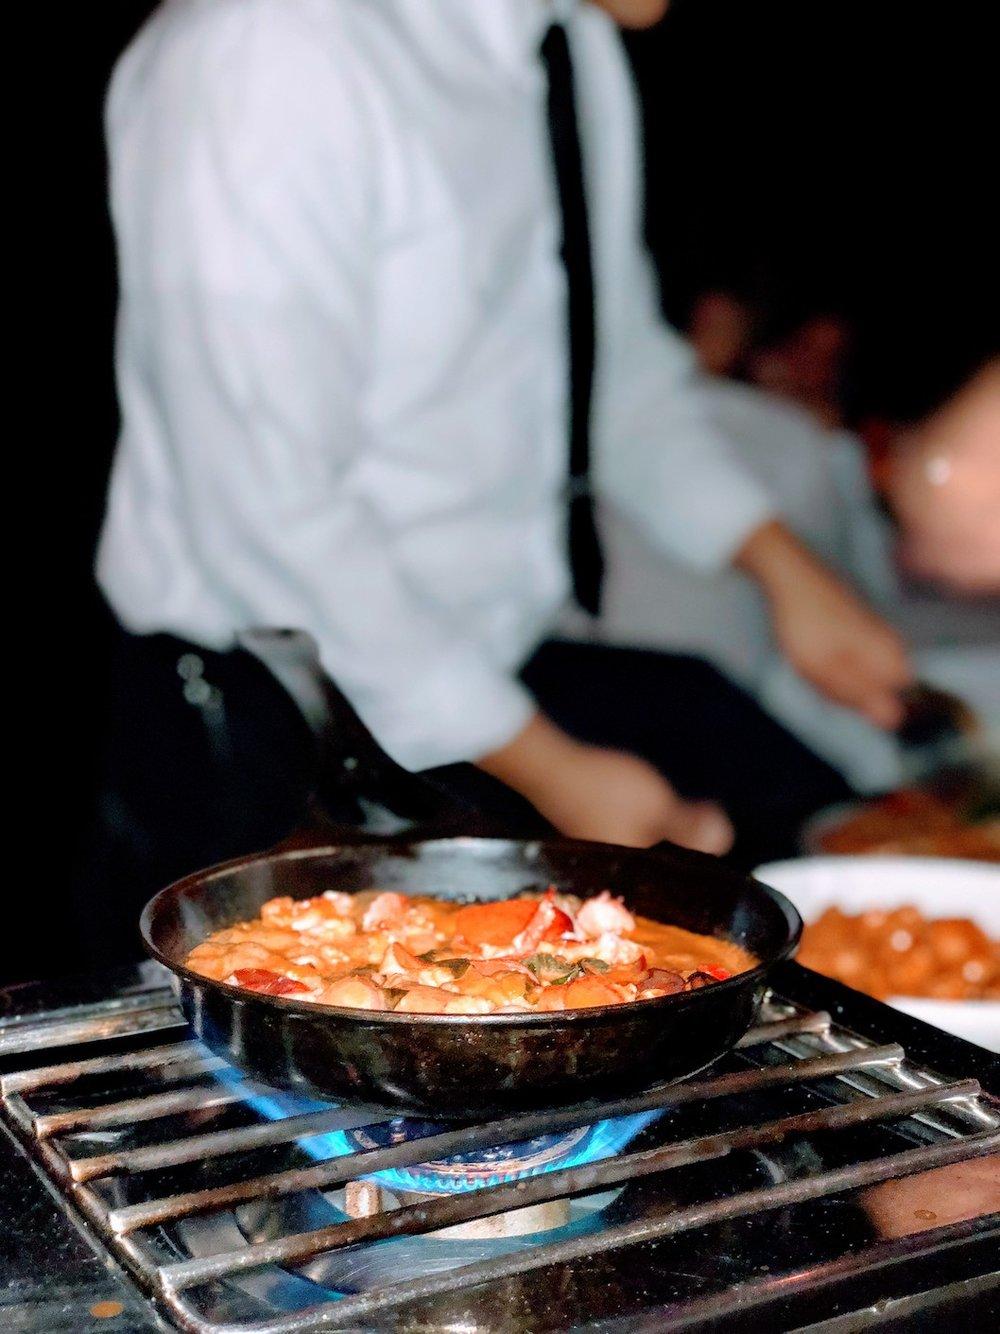 Lobsterspicyrigatoni.jpg